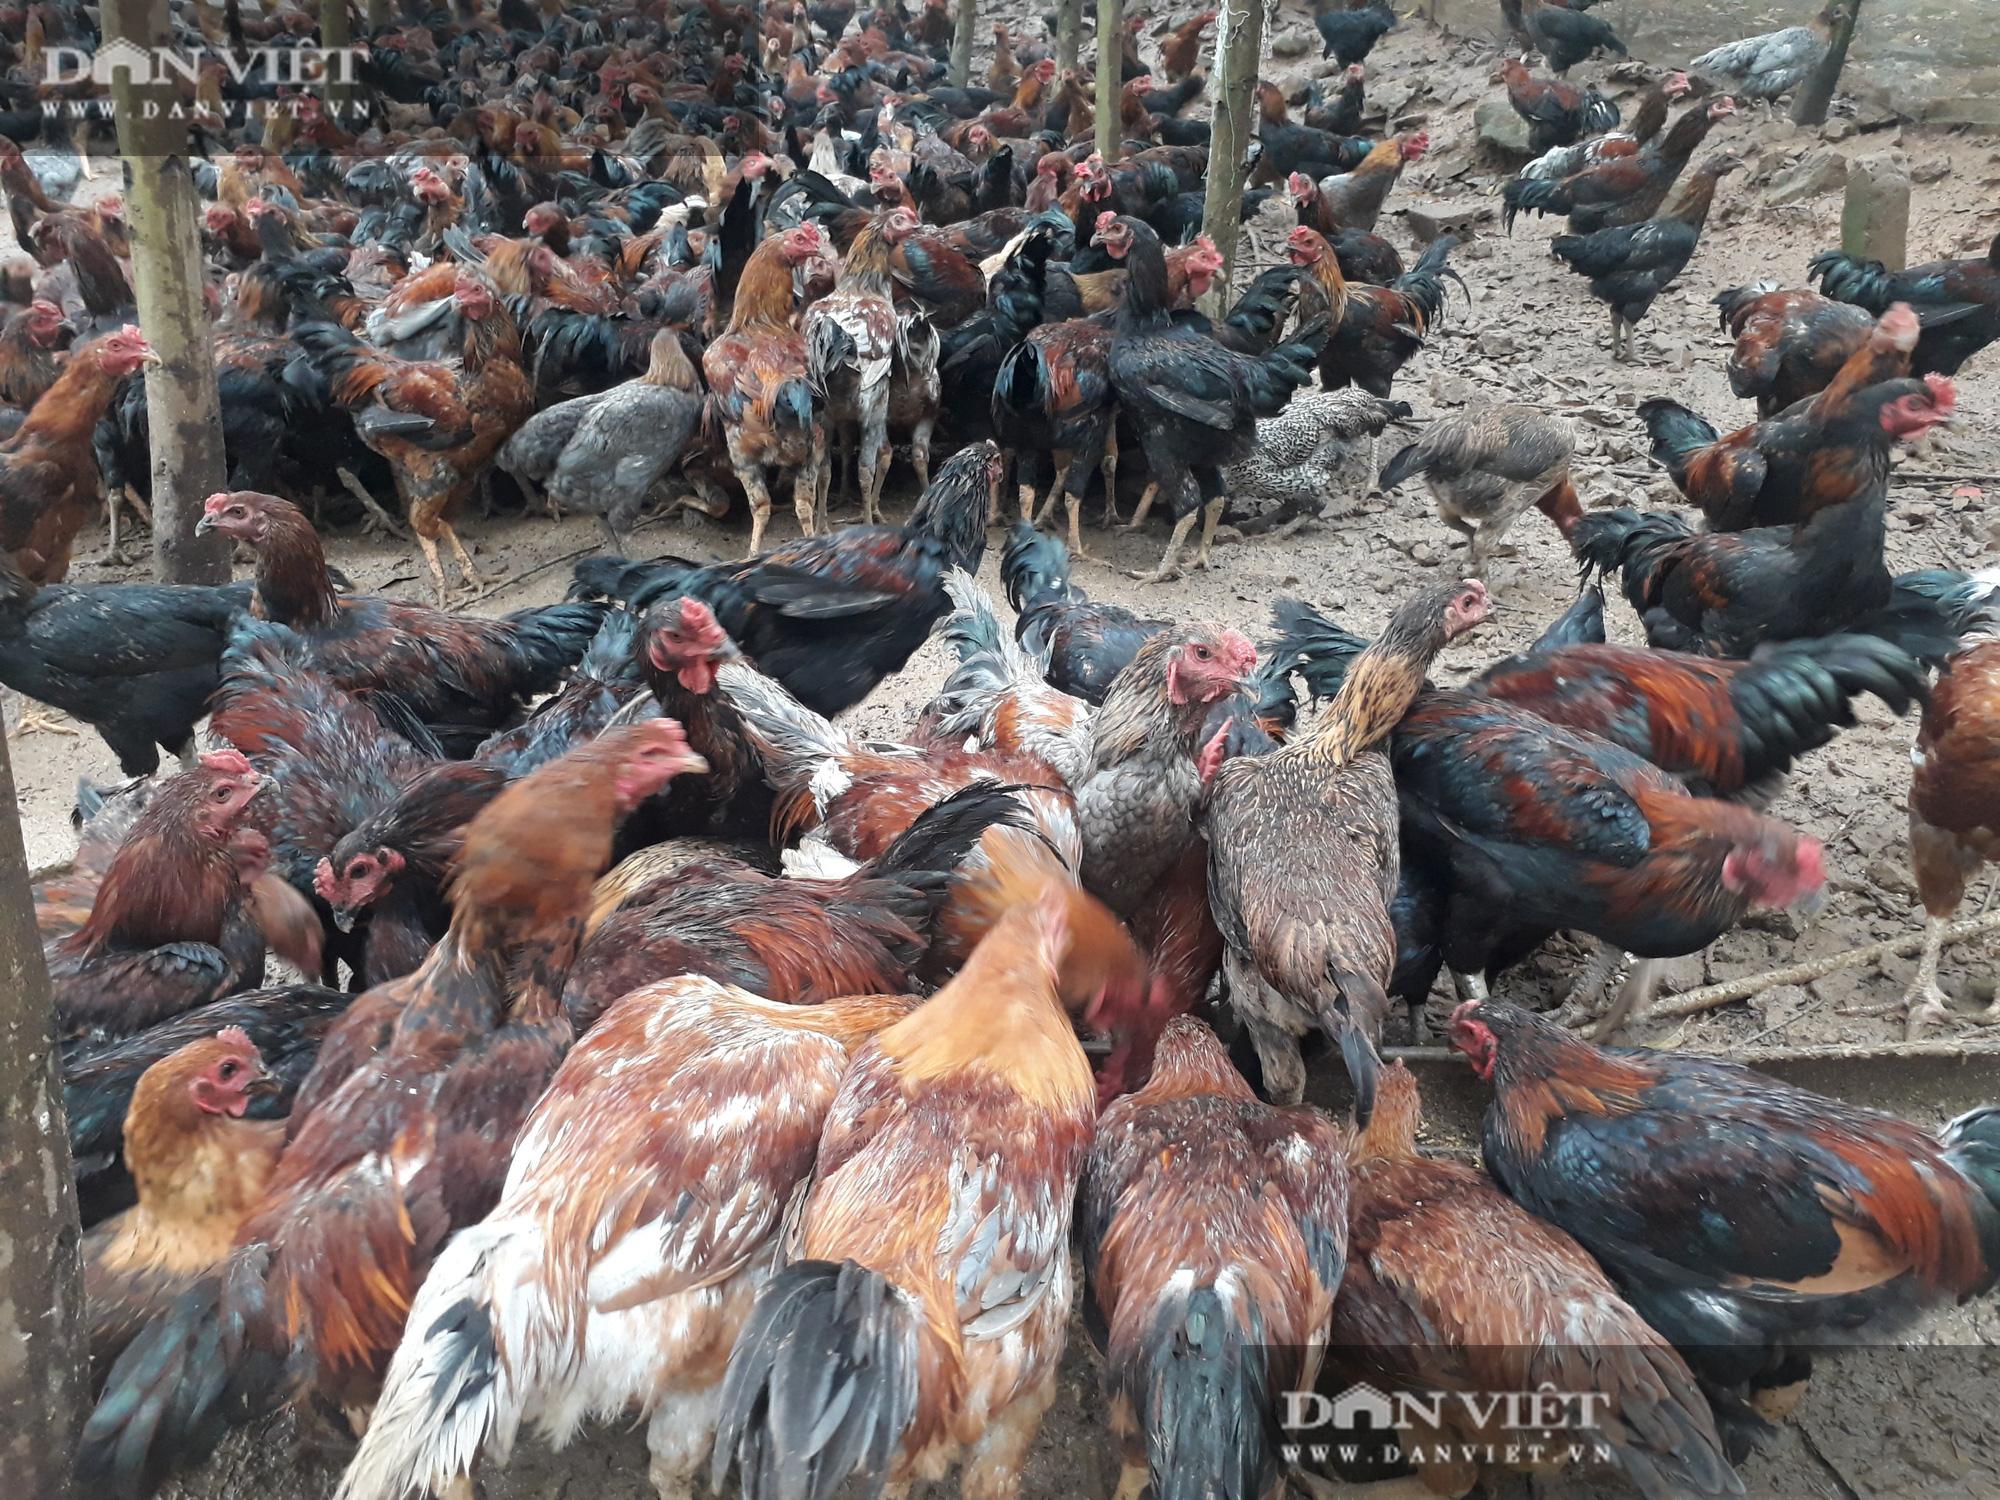 """""""Bắt"""" đàn gà khổng lồ leo đồi kiếm ăn mỗi ngày, anh nông dân Yên Thế thu ngay 5 tỷ đồng - Ảnh 3."""